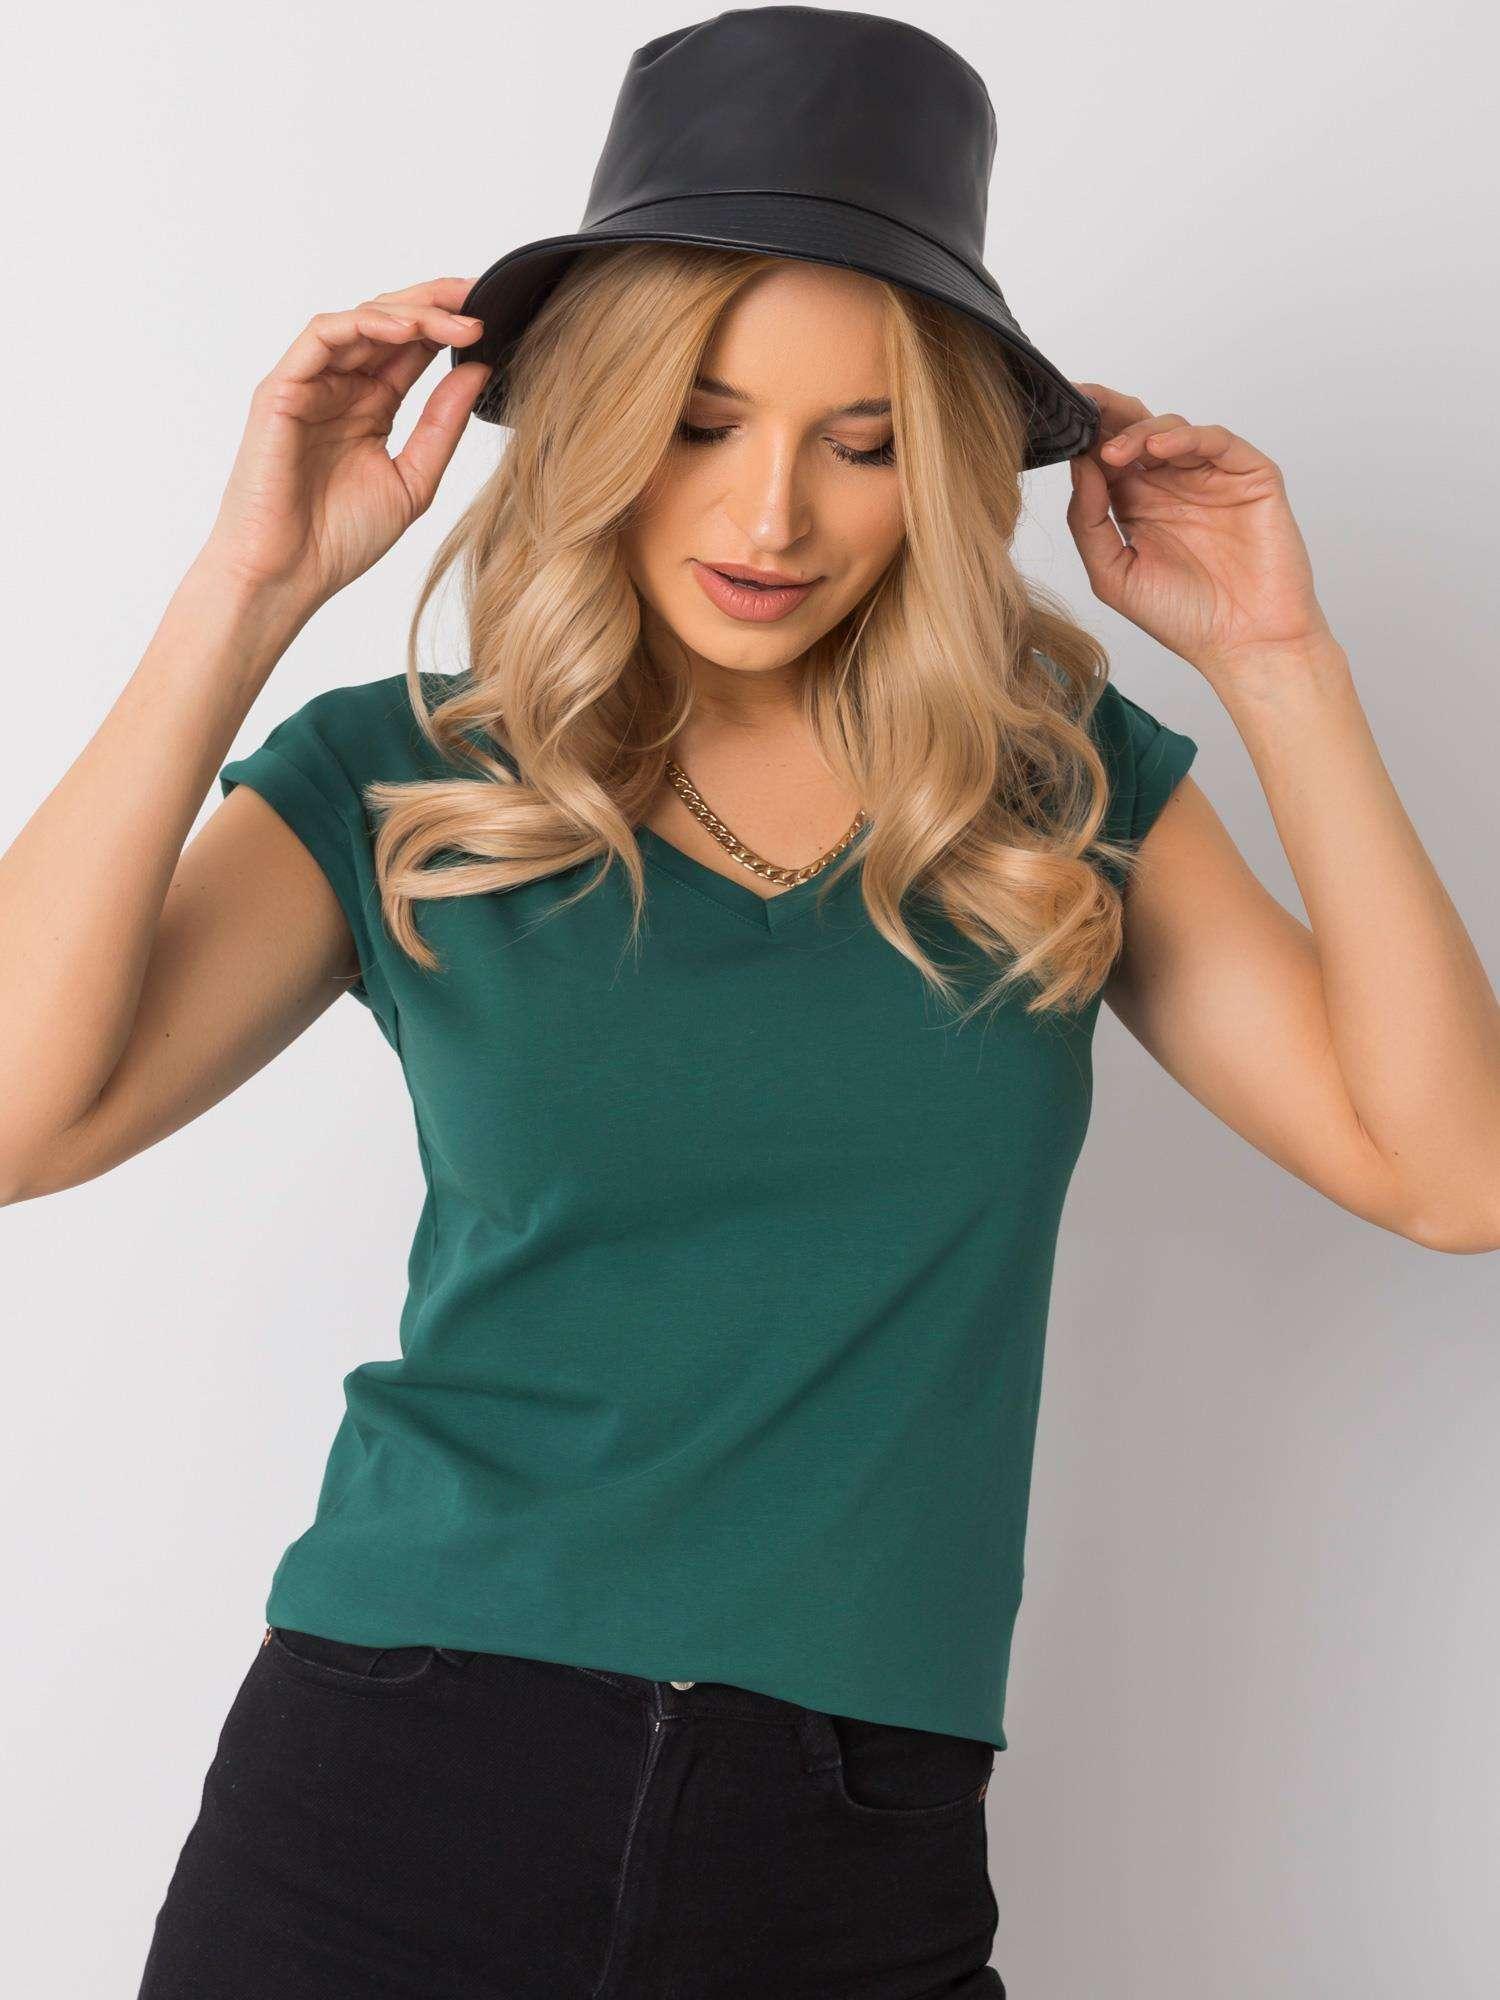 T-Shirt in Dunkelgrün mit V-Ausschnitt Vorderansicht Kopf geneigt